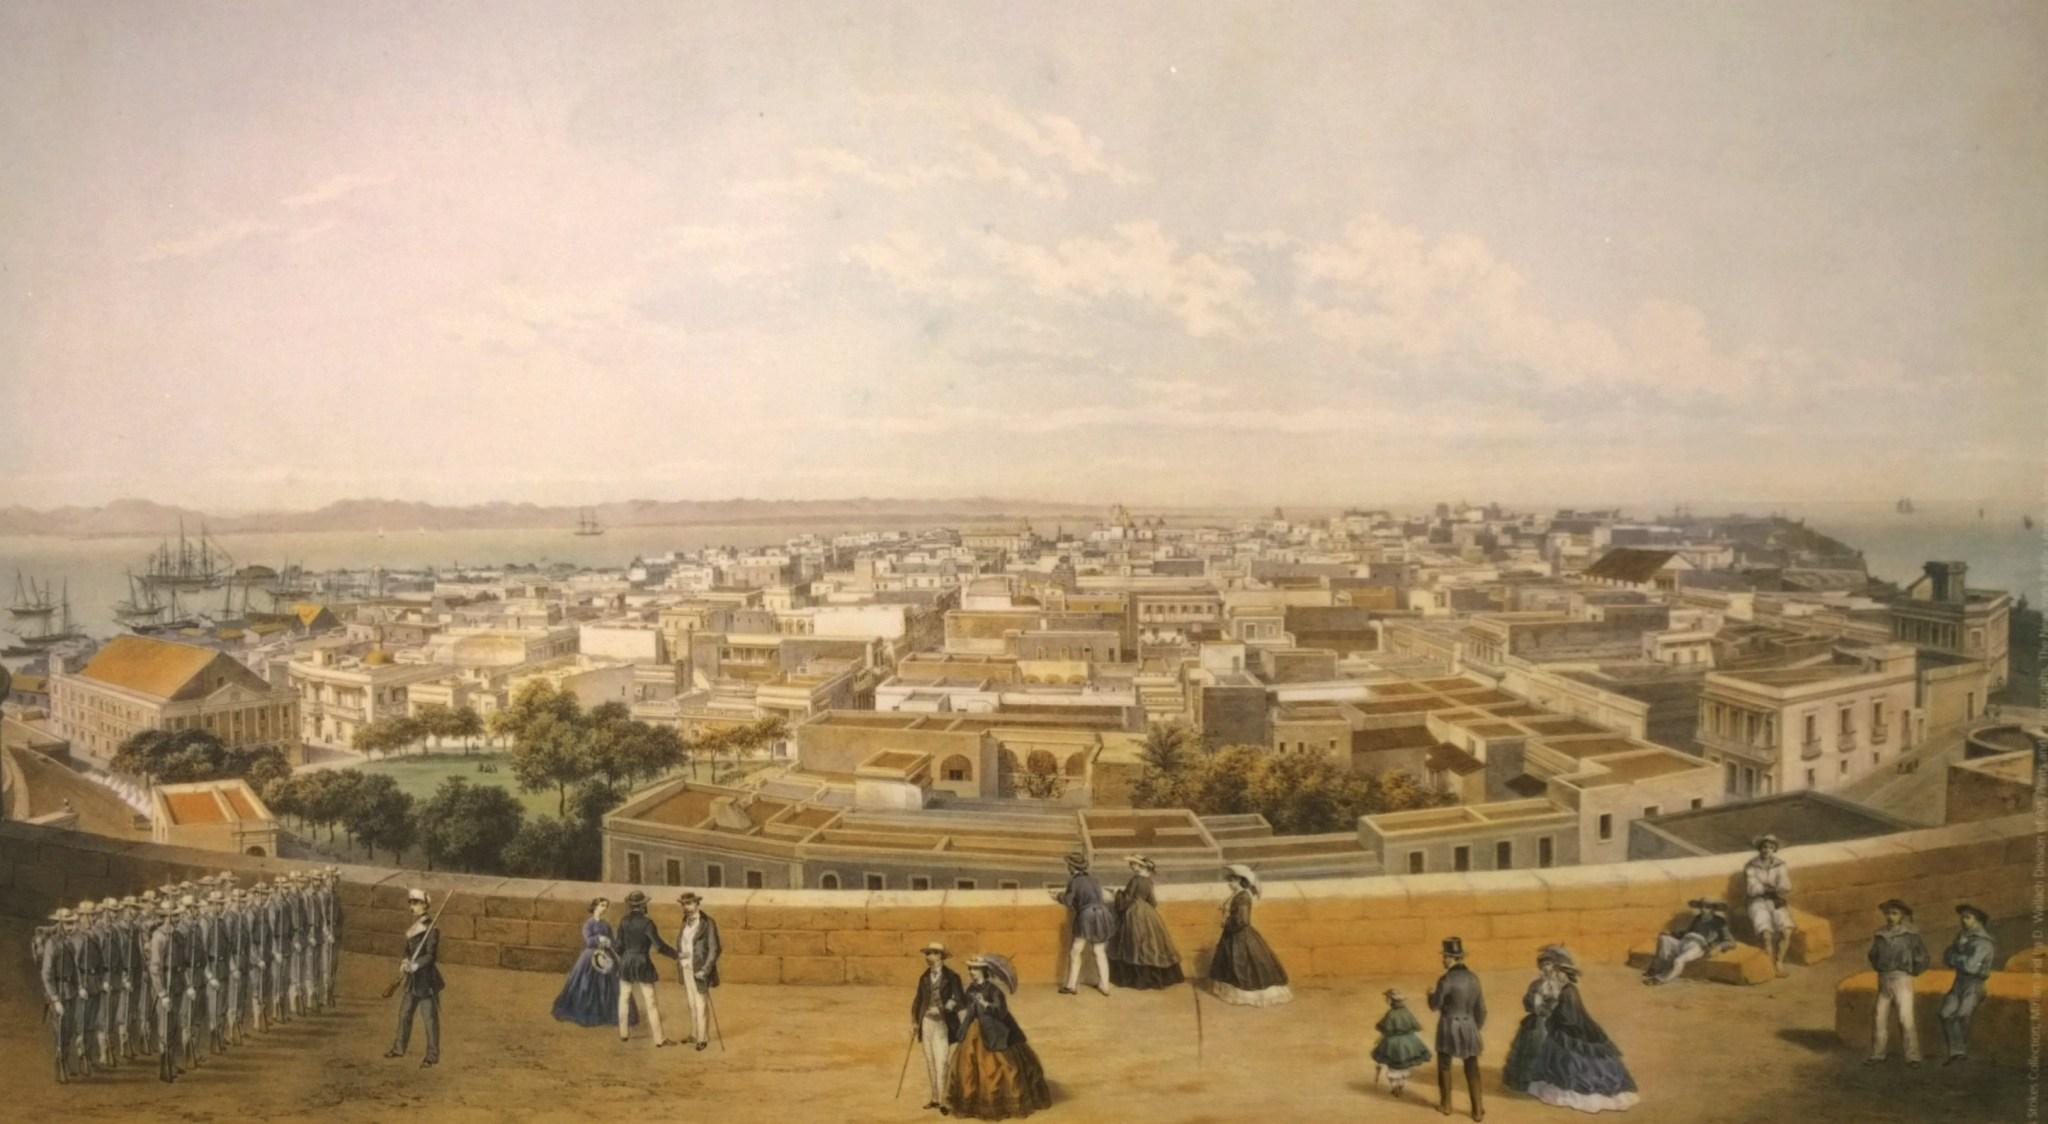 Alun perin linnoitus ympäröi koko San Juanin. Muurien ulkopuolella asui vain varattomia tai muuten siihen maailman aikaan ajatellusti 2. luokan kansalaisia. Kaupunki oli tupaten täynnä ja lopulta yksi muuri avattiin, jotta kaupunki pääsi levittäytymään isommaksi.